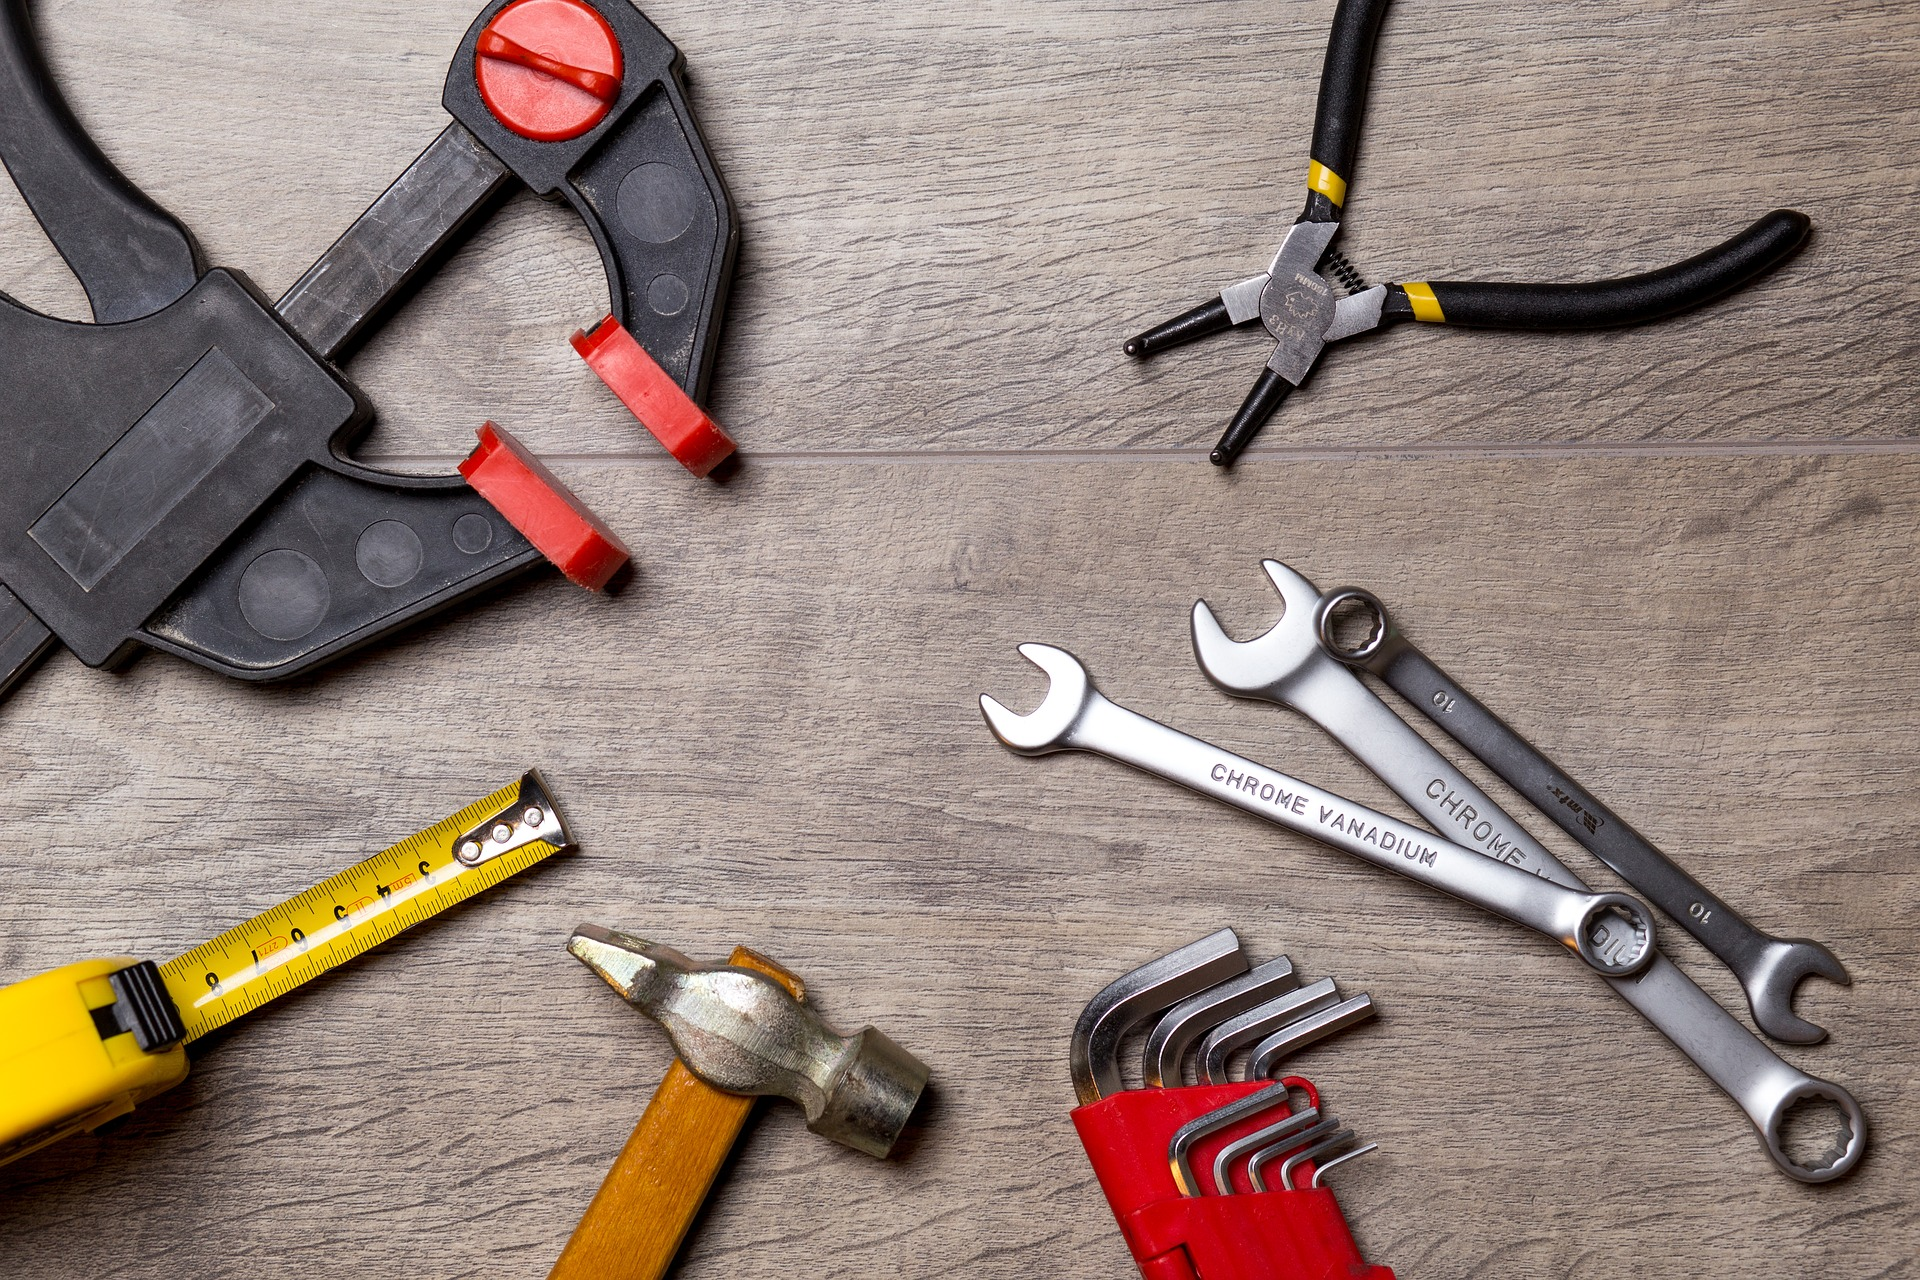 tool-2820950_1920